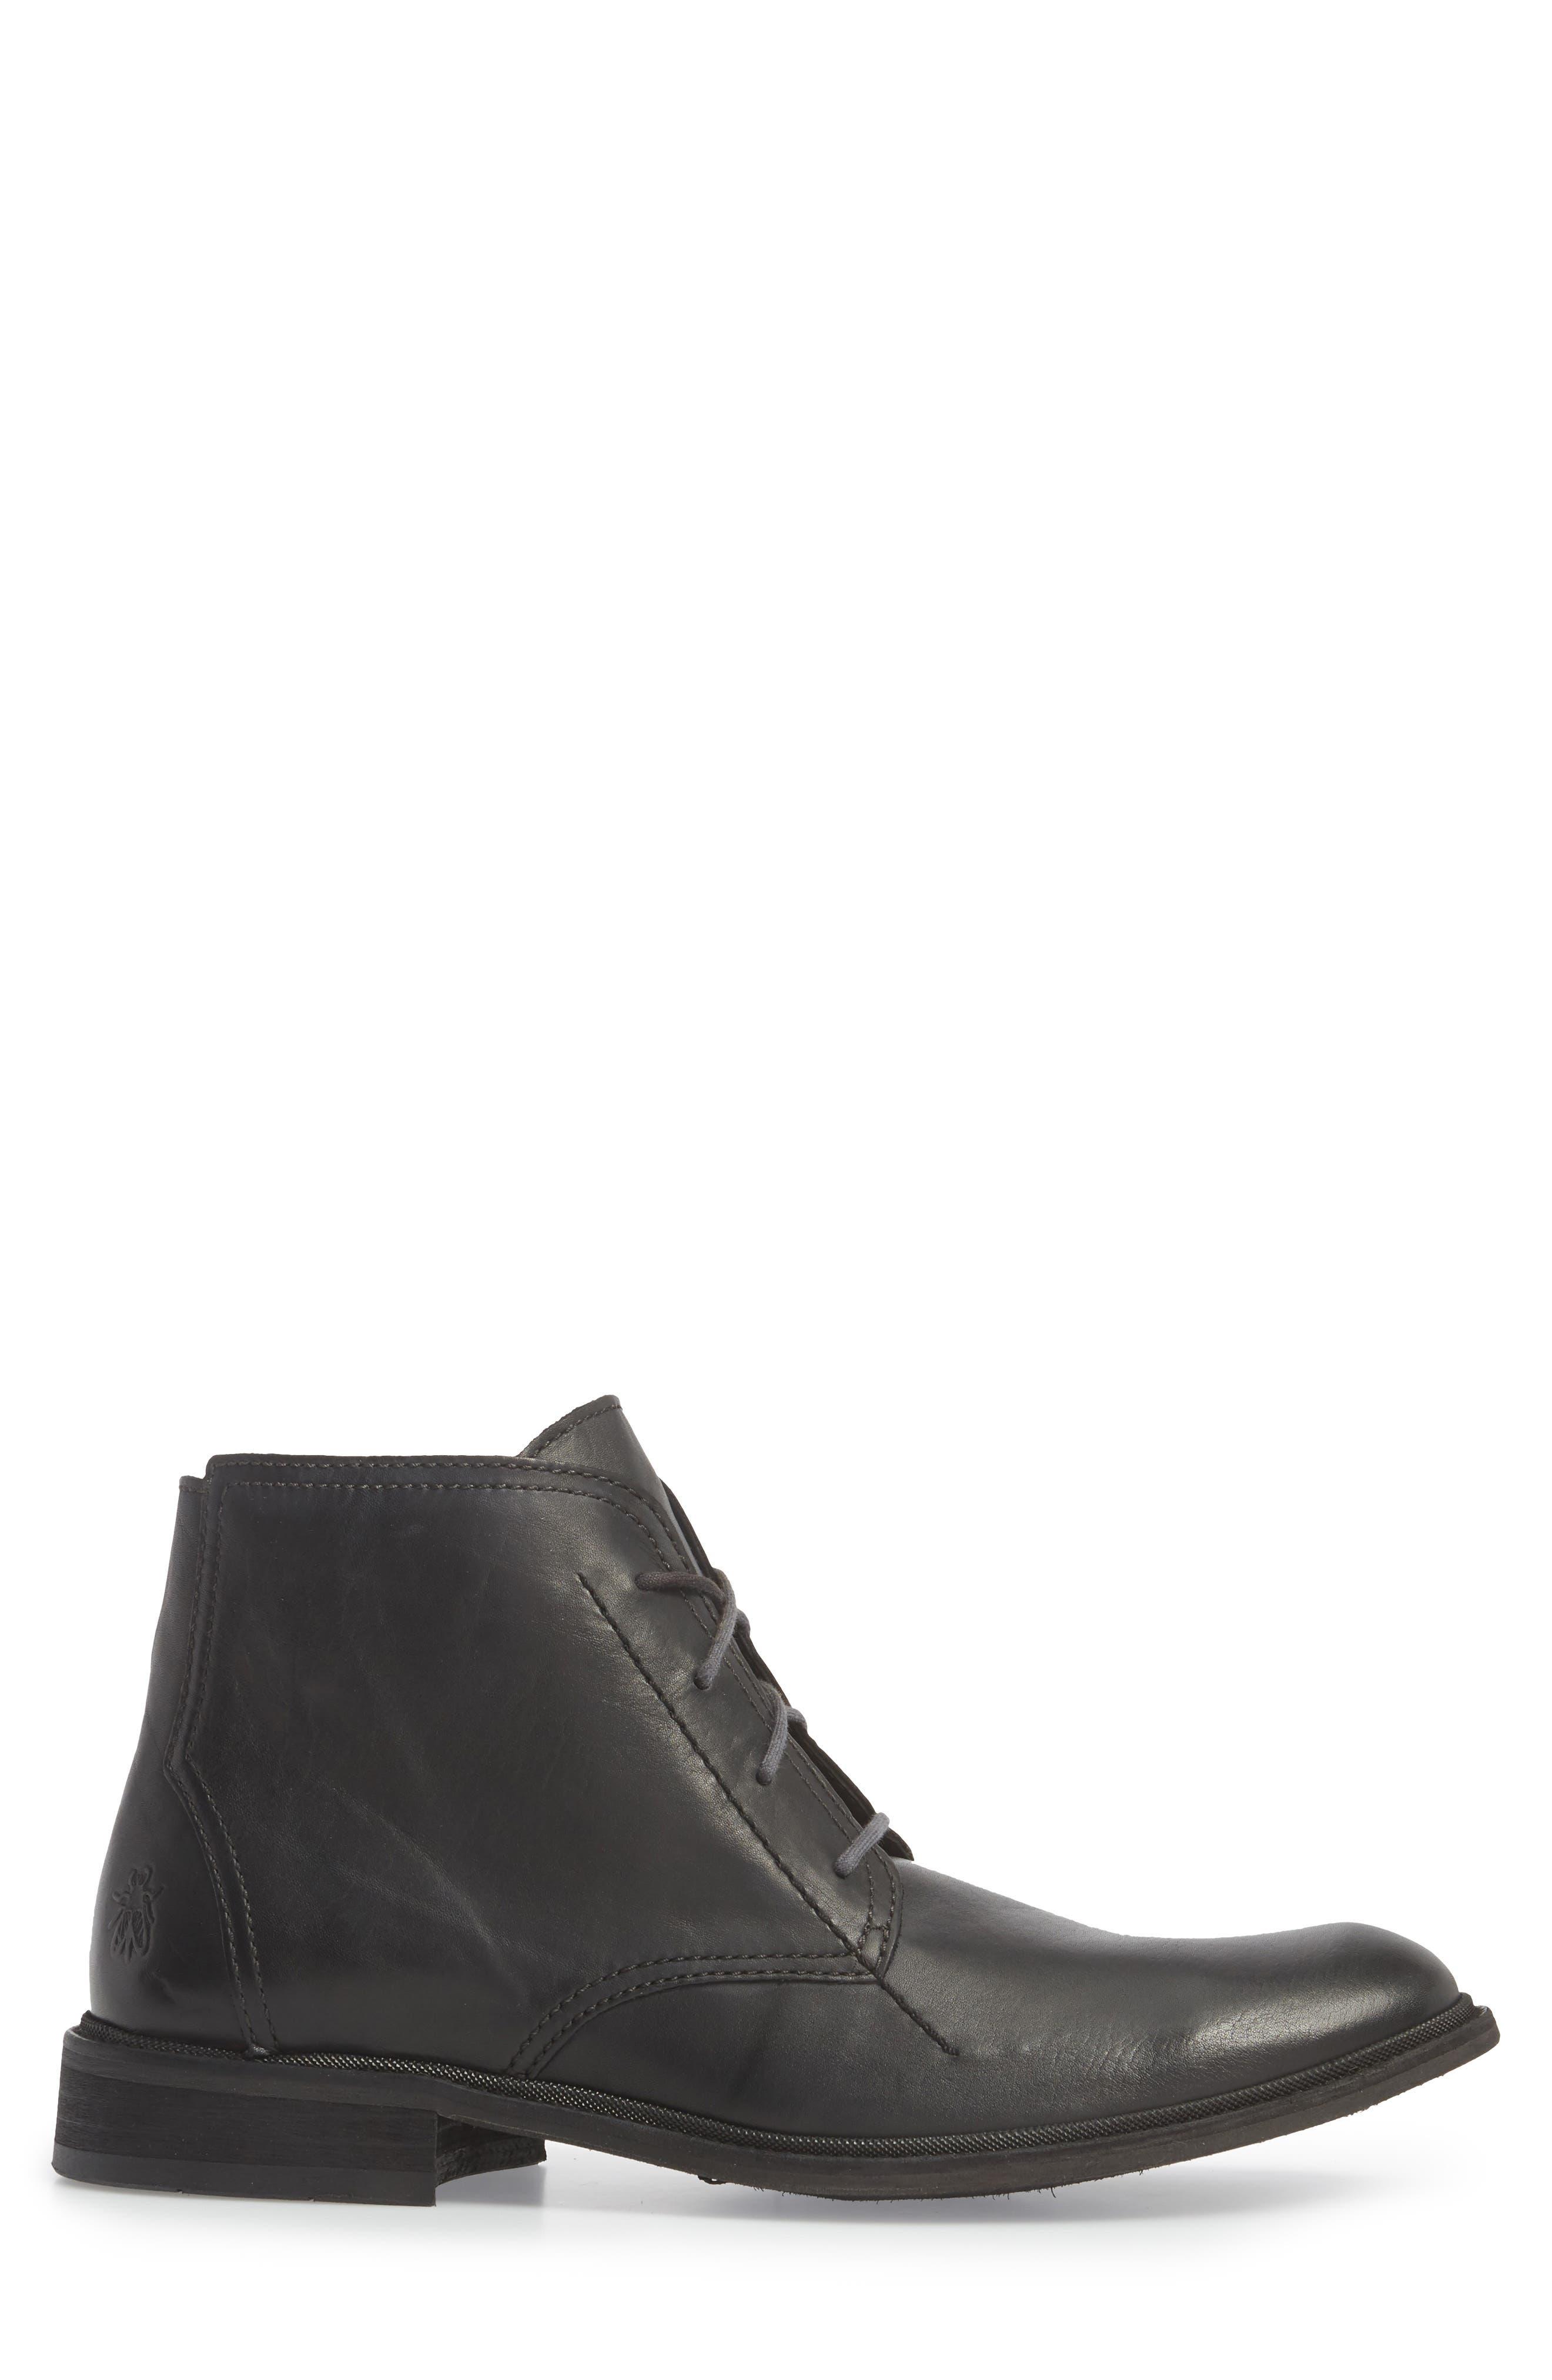 Hobi Plain Toe Chukka Boot,                             Alternate thumbnail 3, color,                             Black Leather